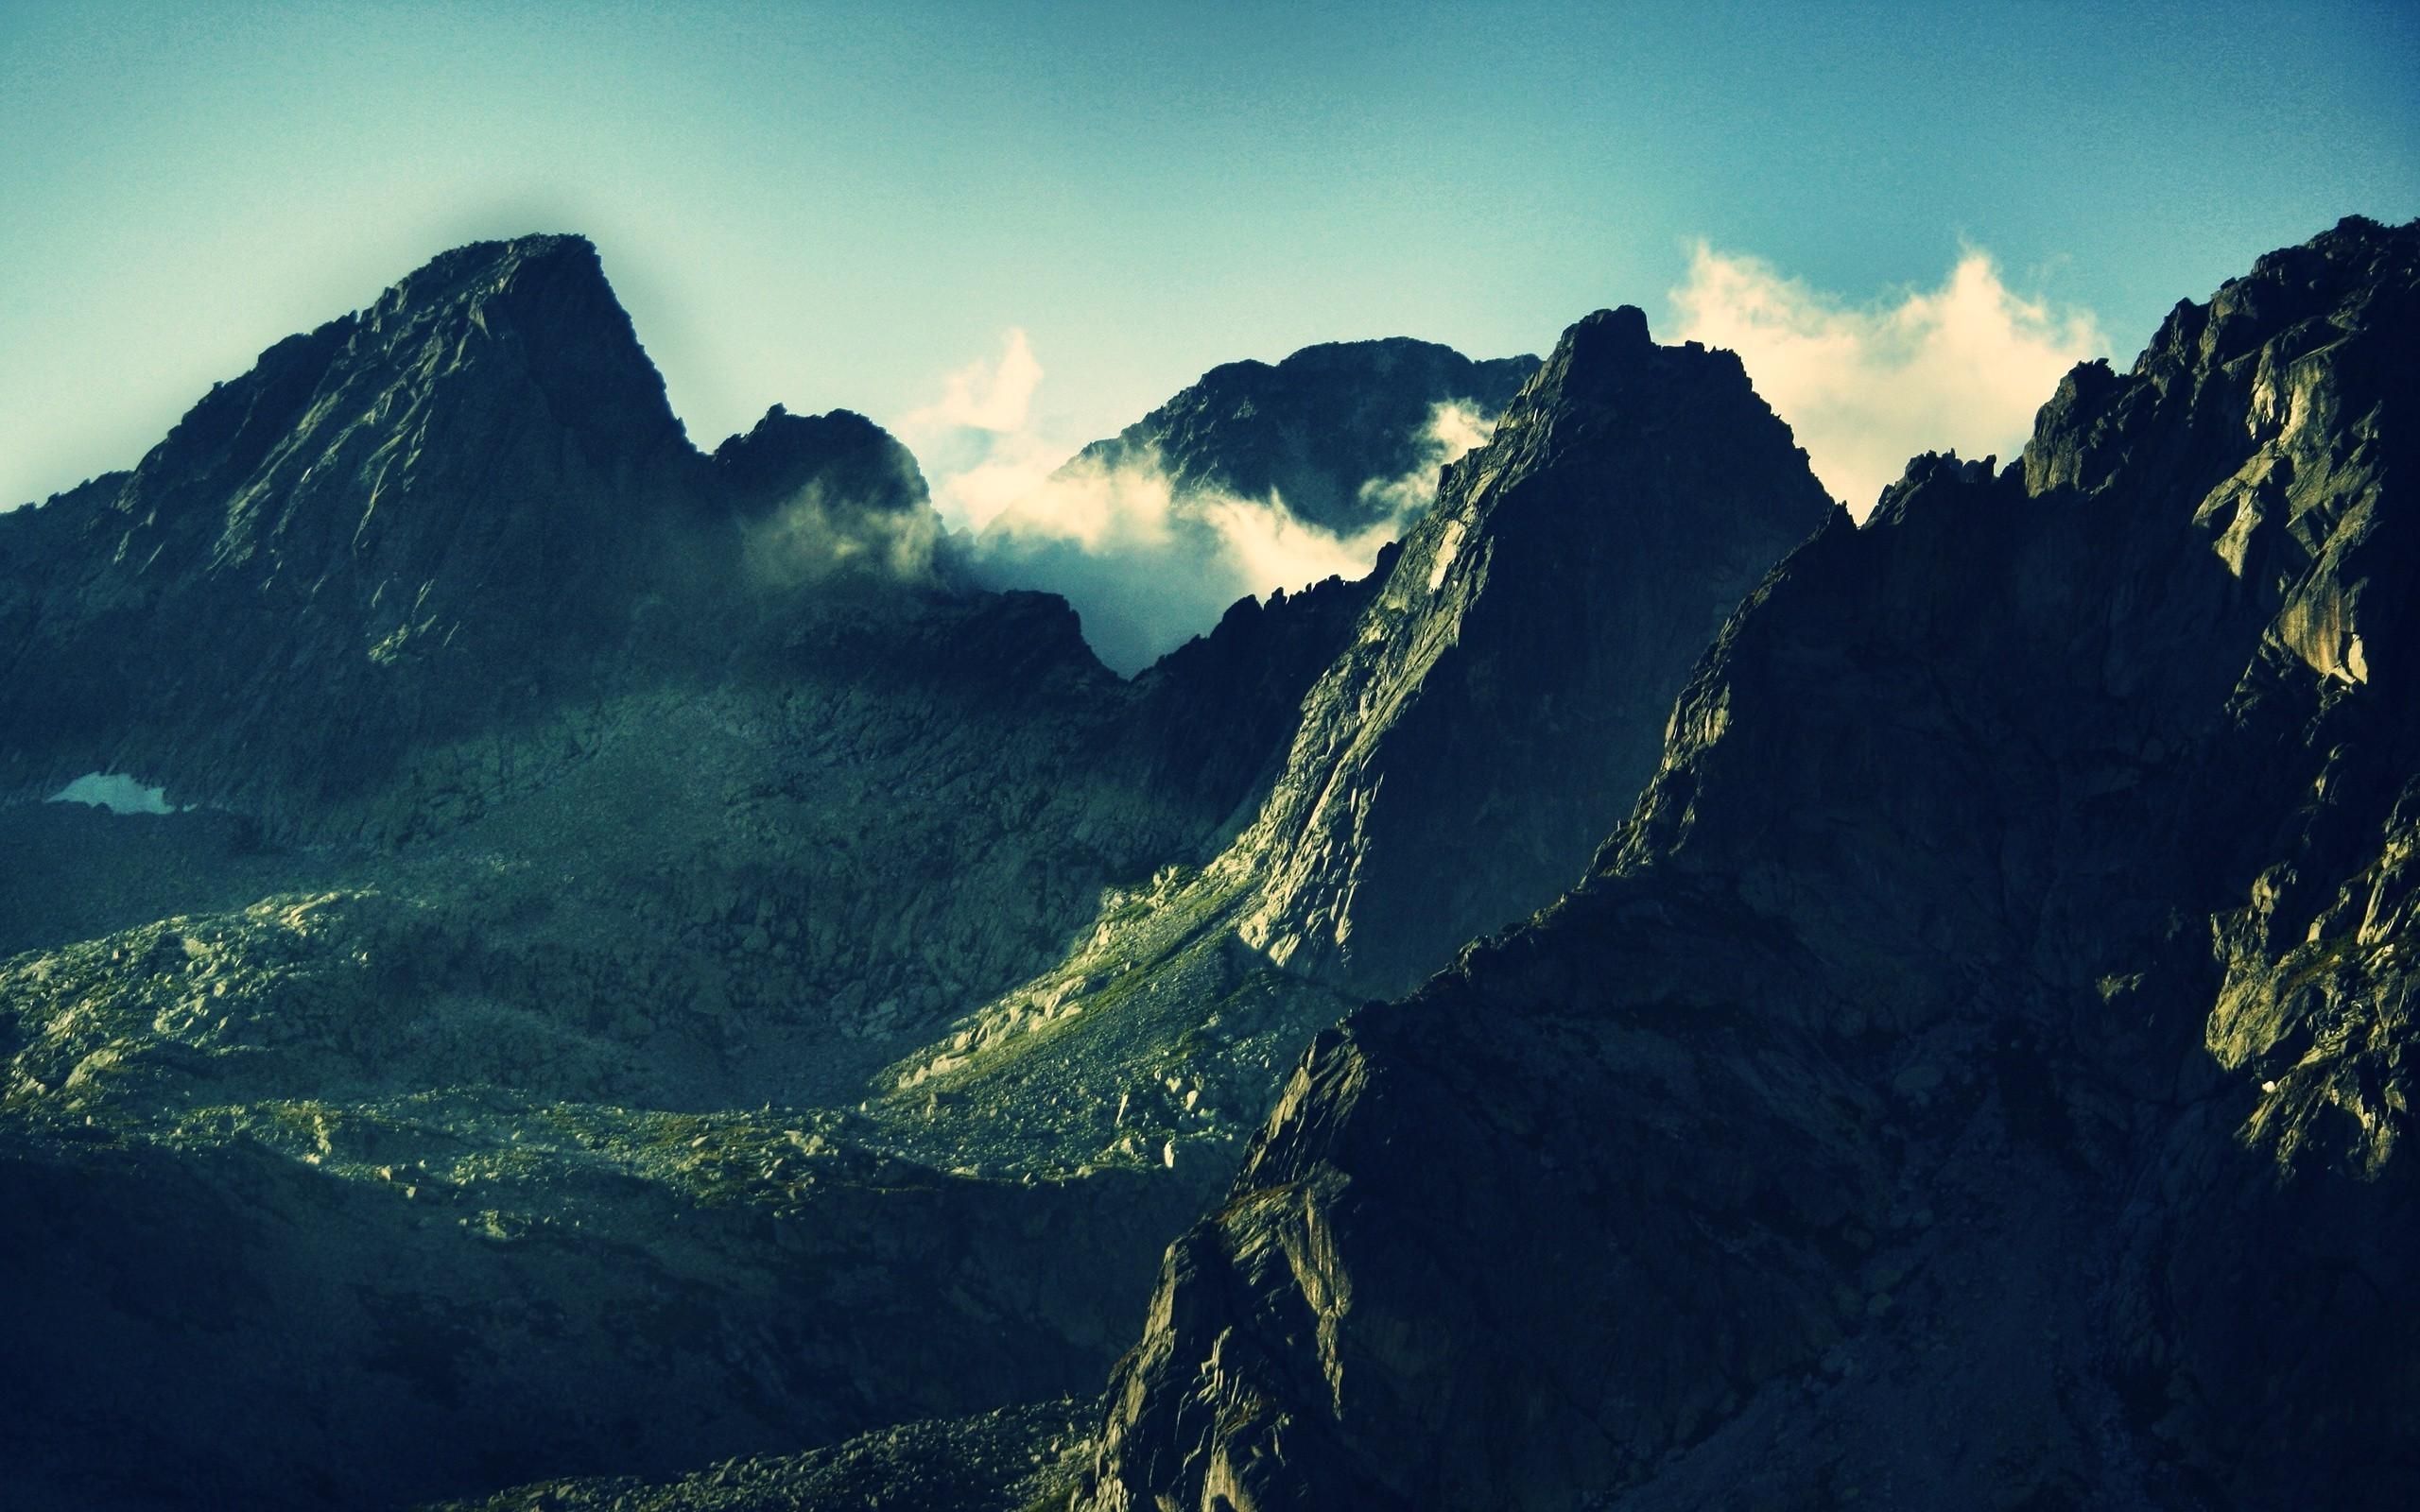 The Five Peaks